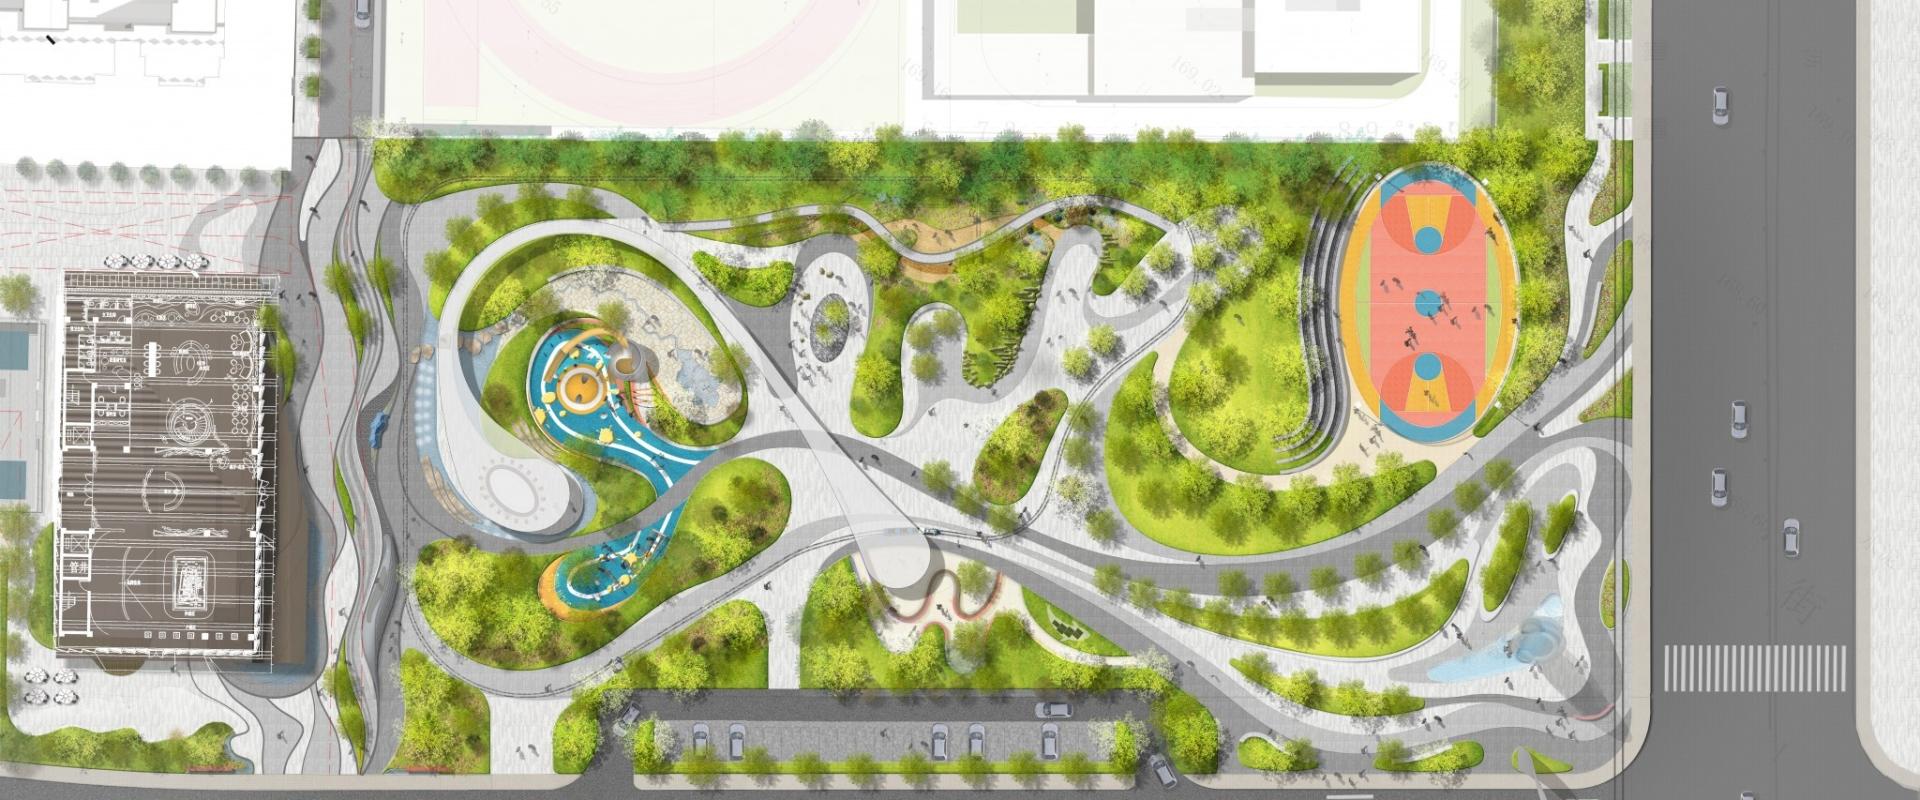 20200116-sunjiaqiao- plan-wu